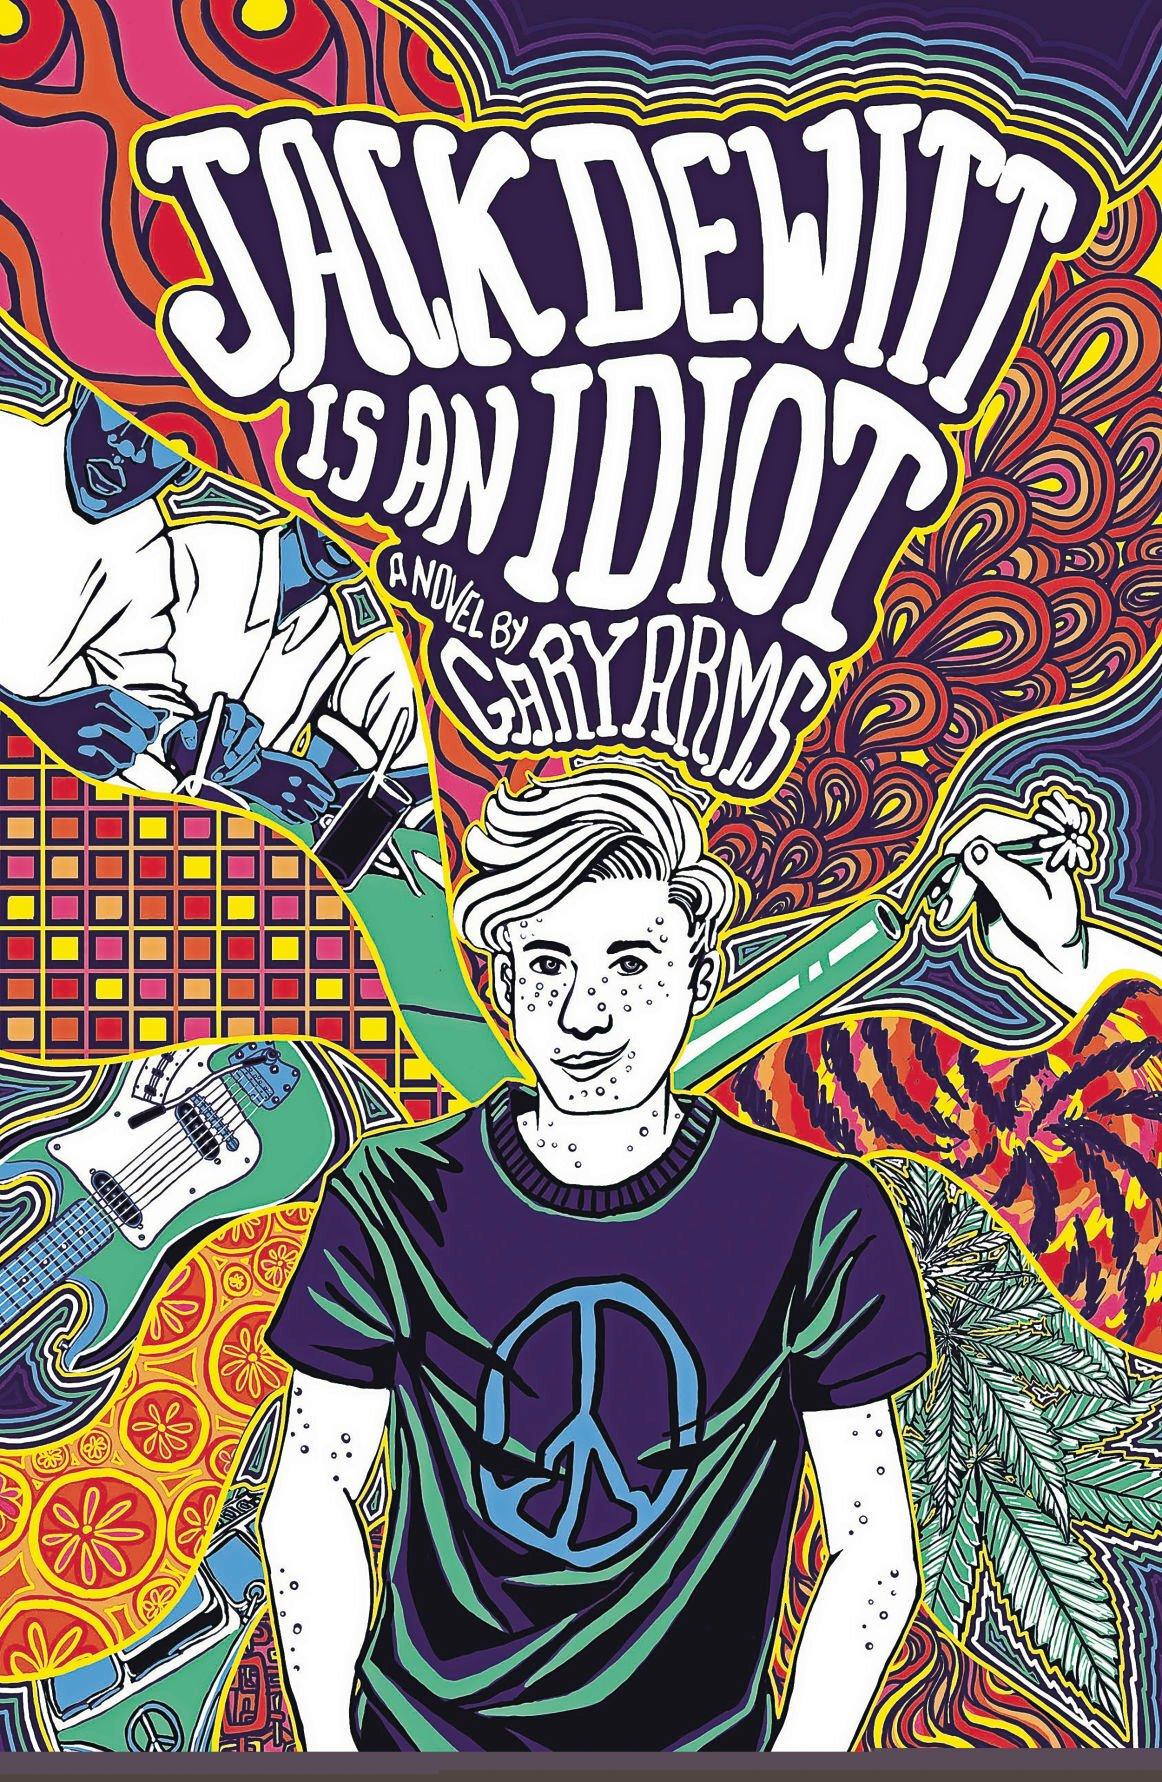 'Jack DeWitt is an Idiot'